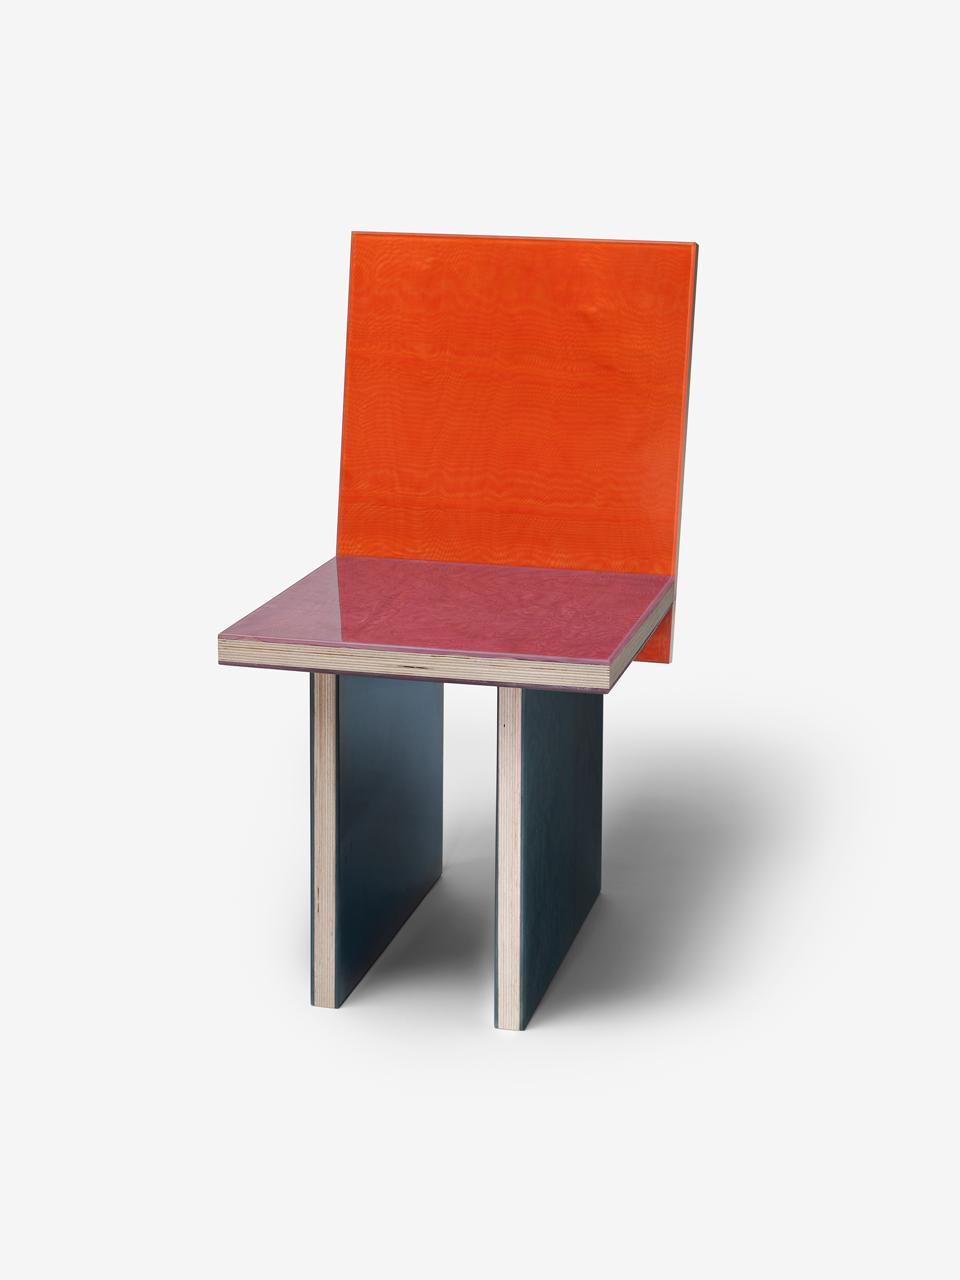 Moire chair 4-01